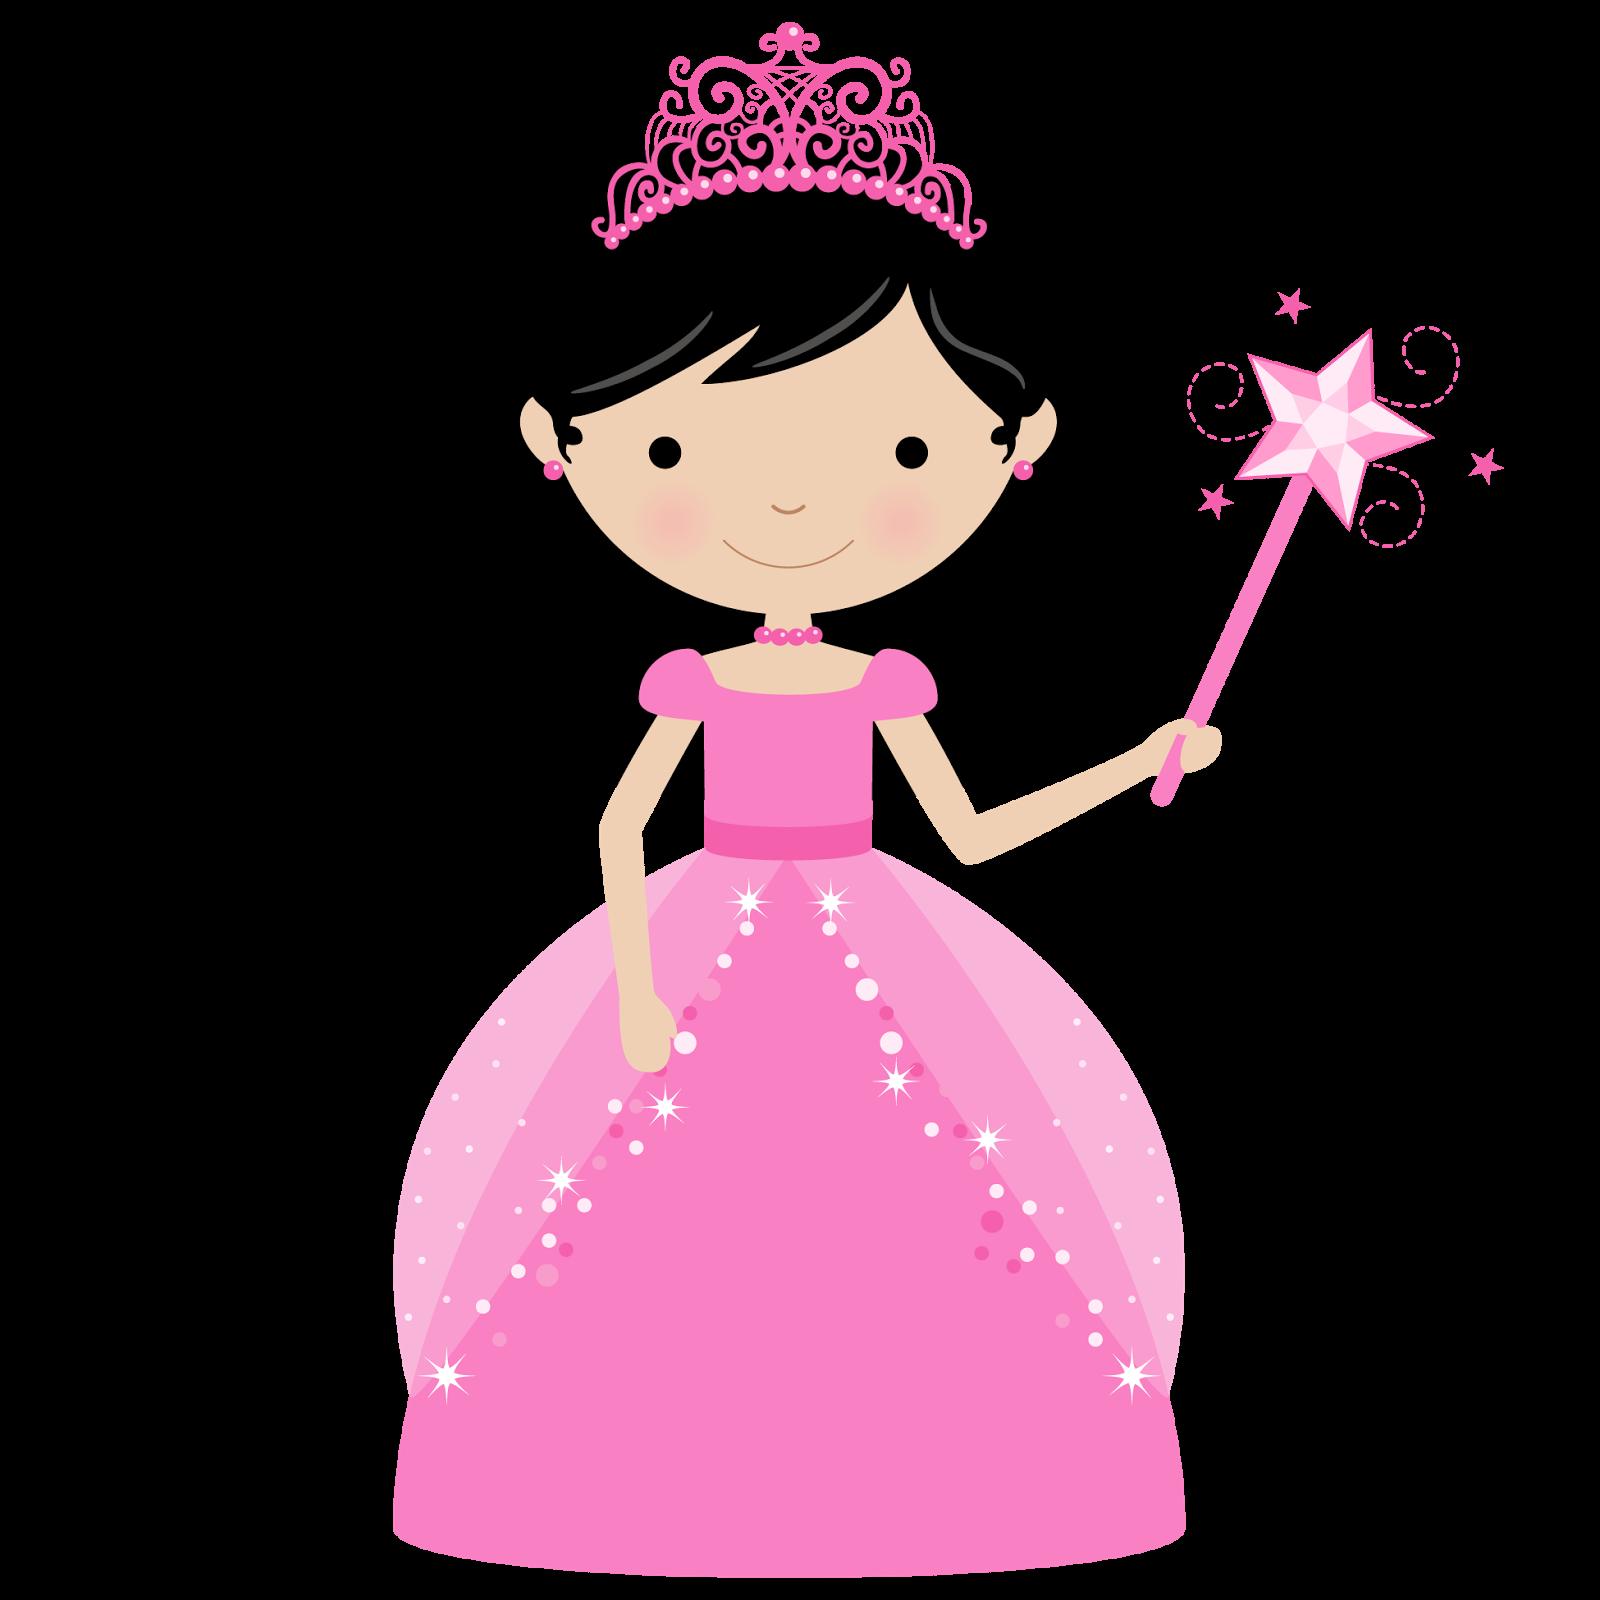 Cute Disney Princess Clipart at GetDrawings | Free download